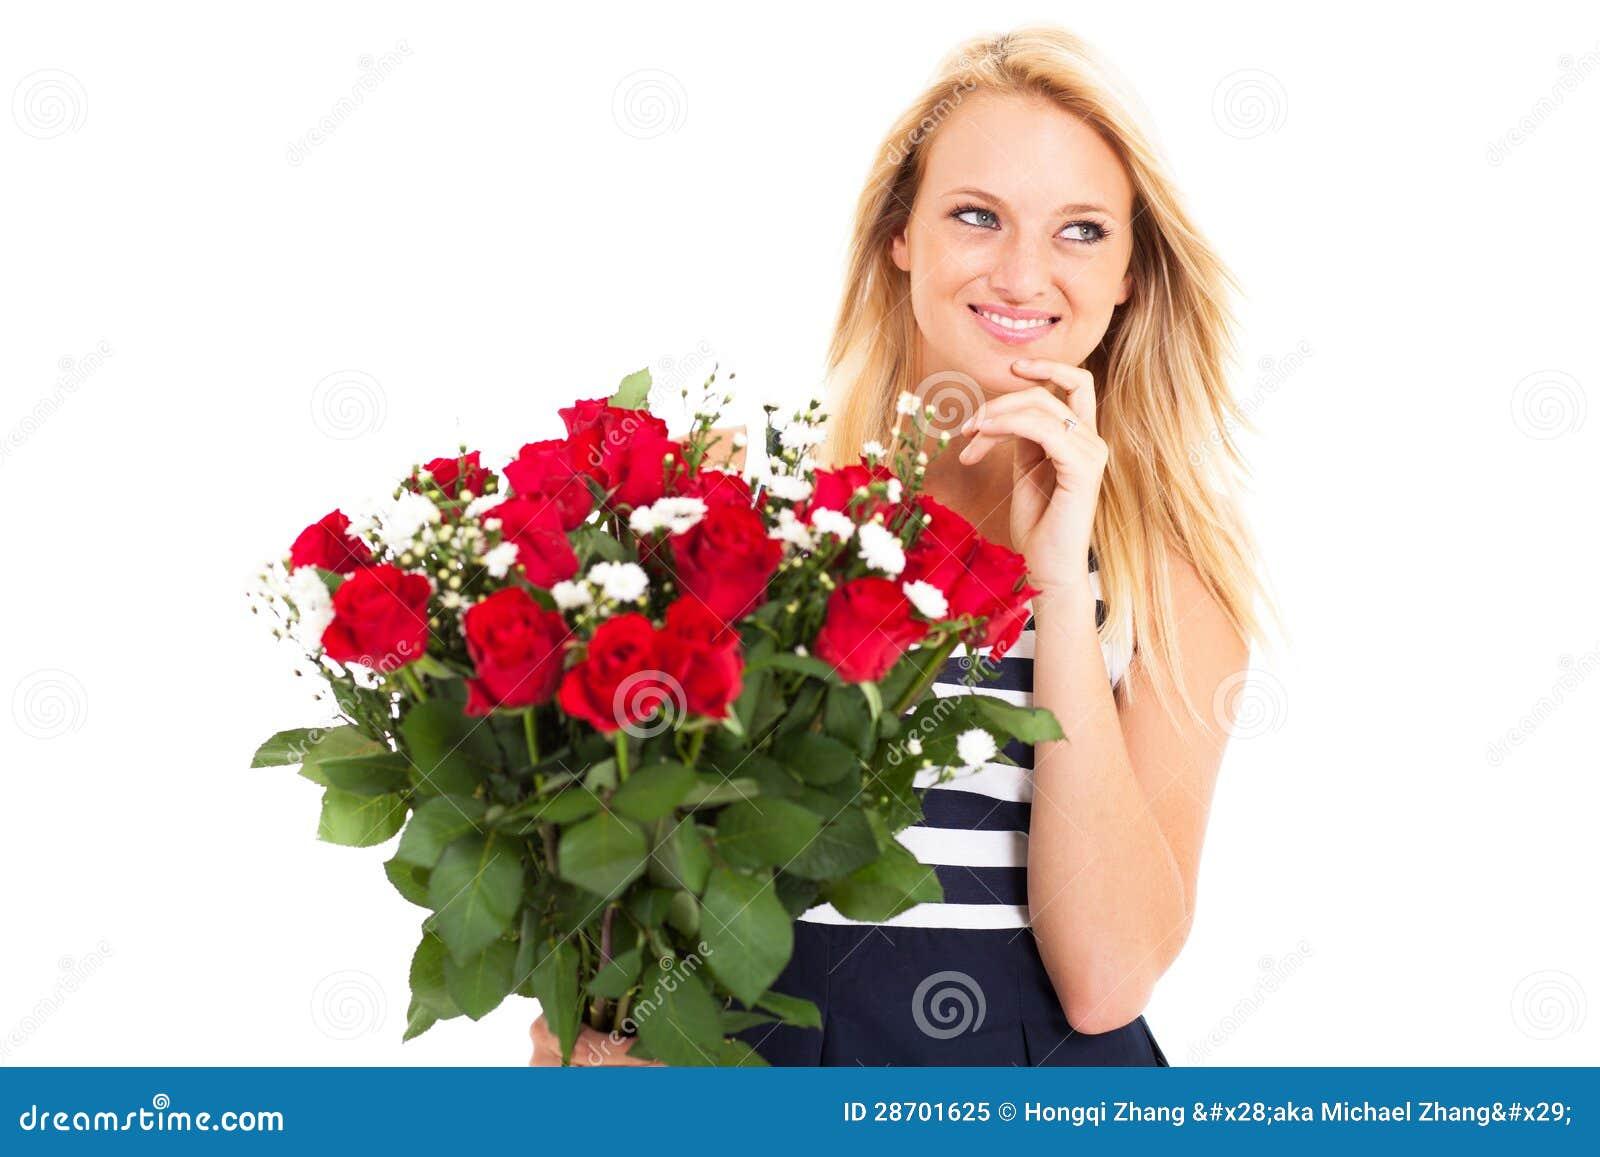 Девушка получает цветы фото